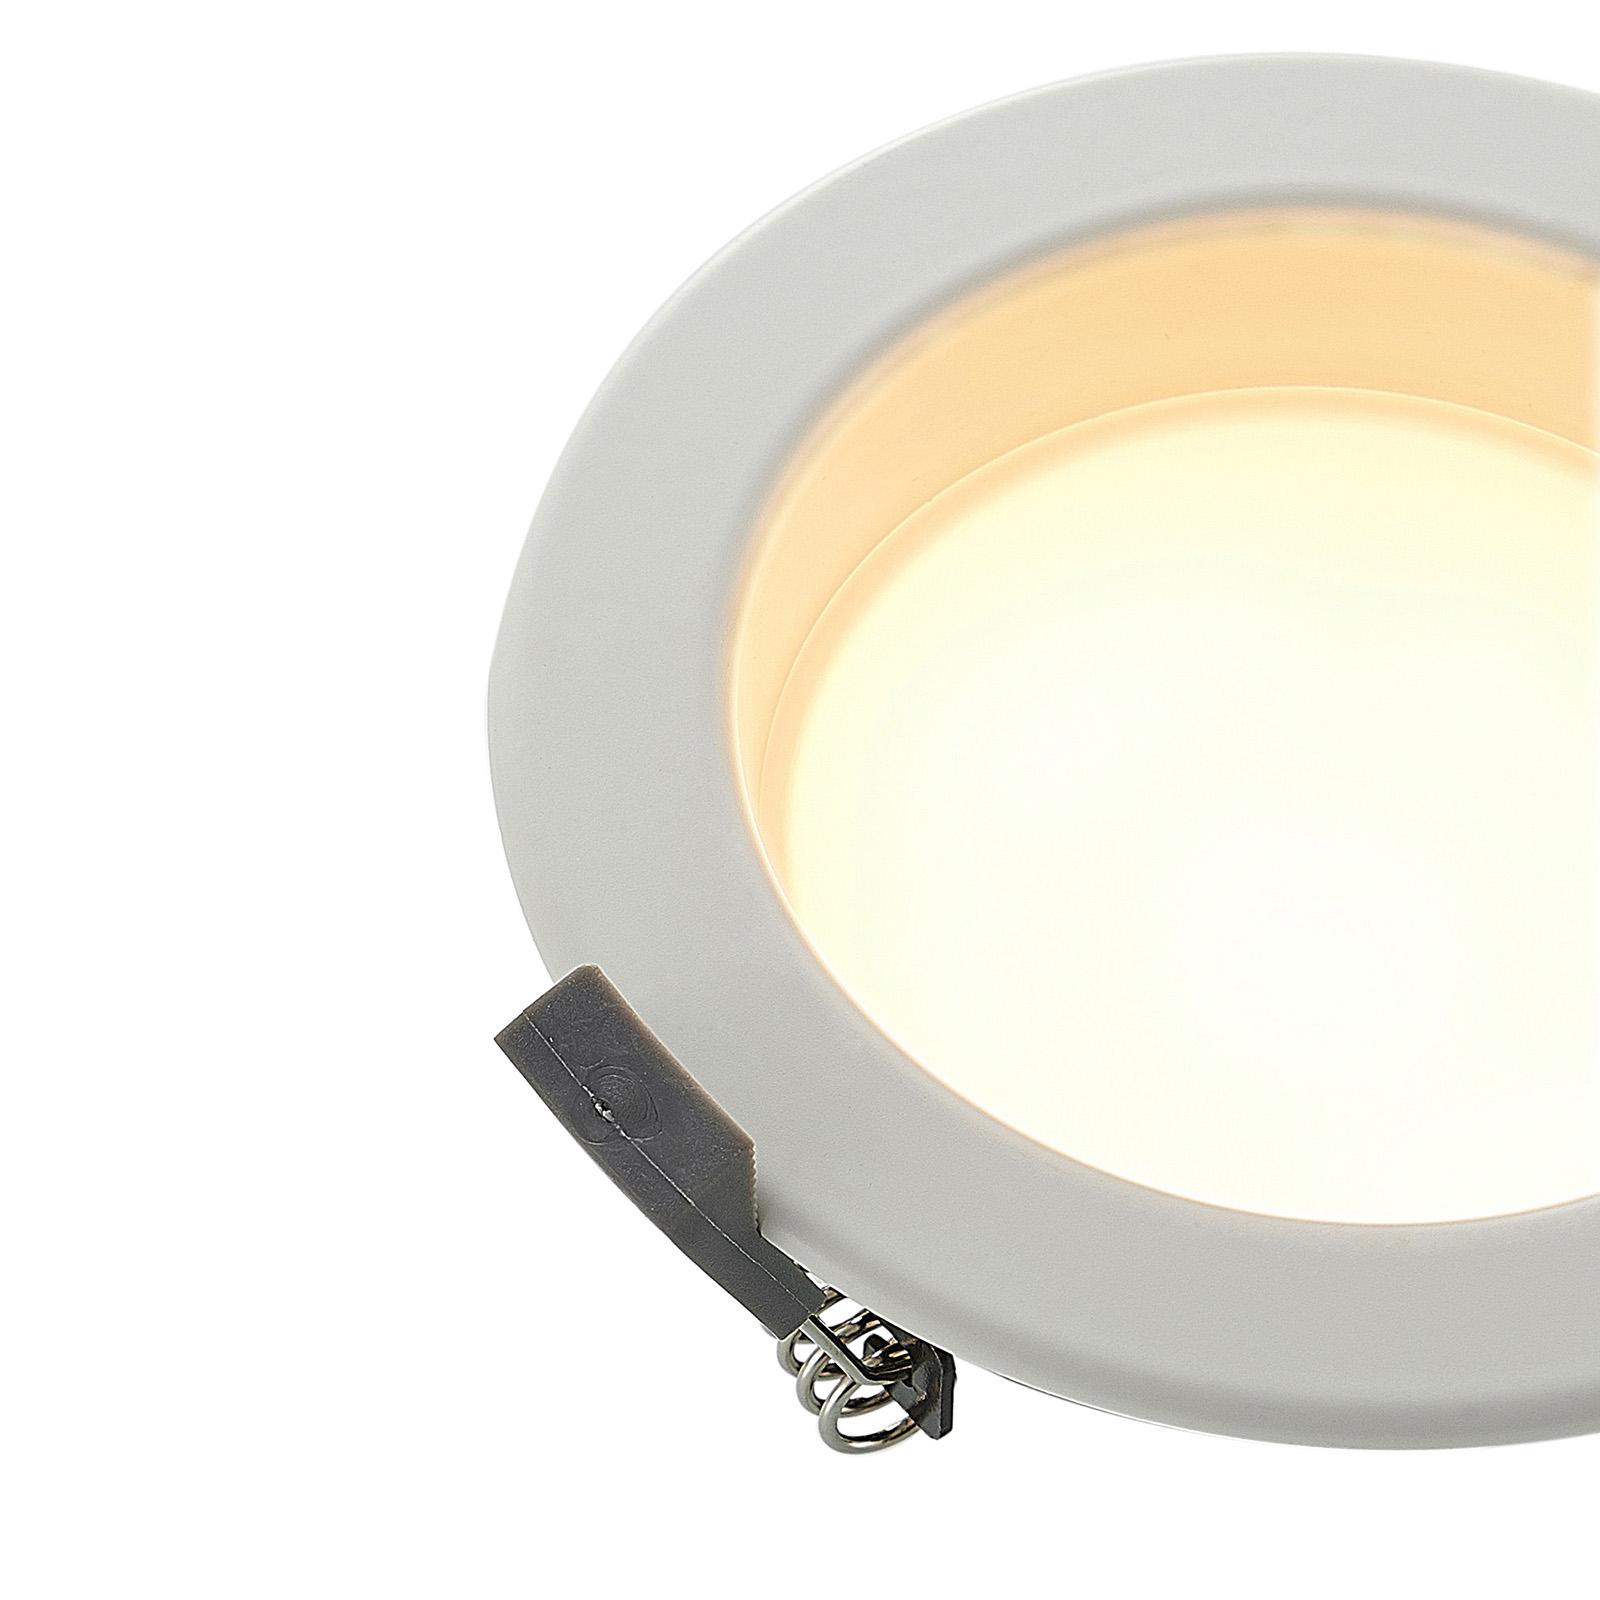 Lampe encastrable LED Piet de forme ronde, 8,5 W